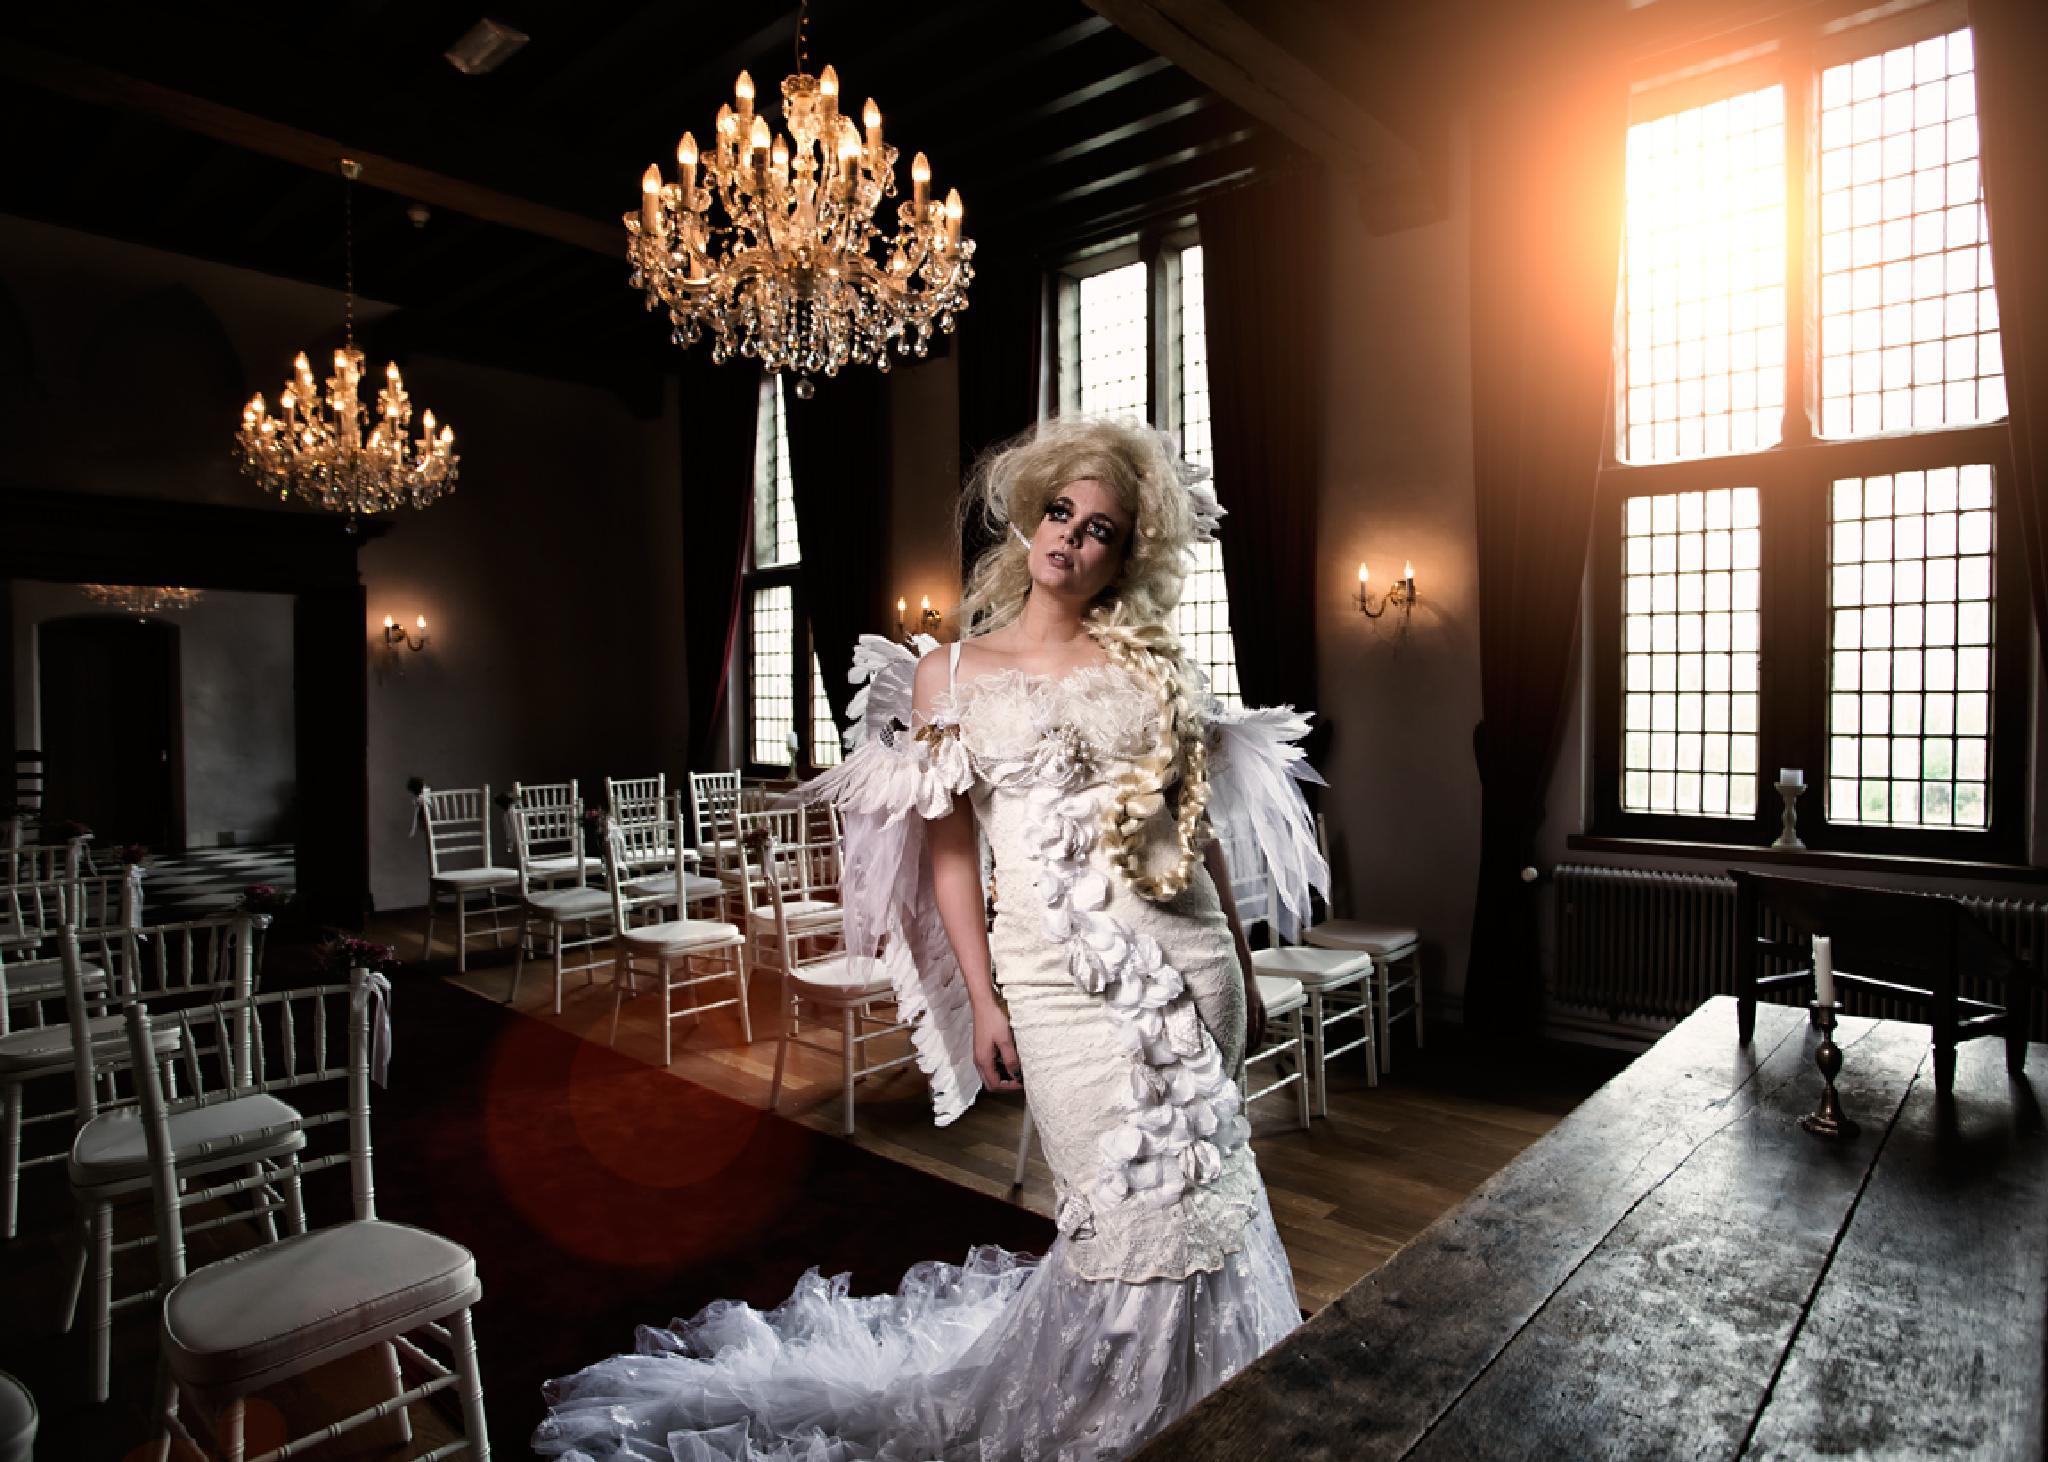 Photo in Fashion #portrait #people #fine art #wedding #model #fashion #glamour #light #interior #architecture #ptesta #canon